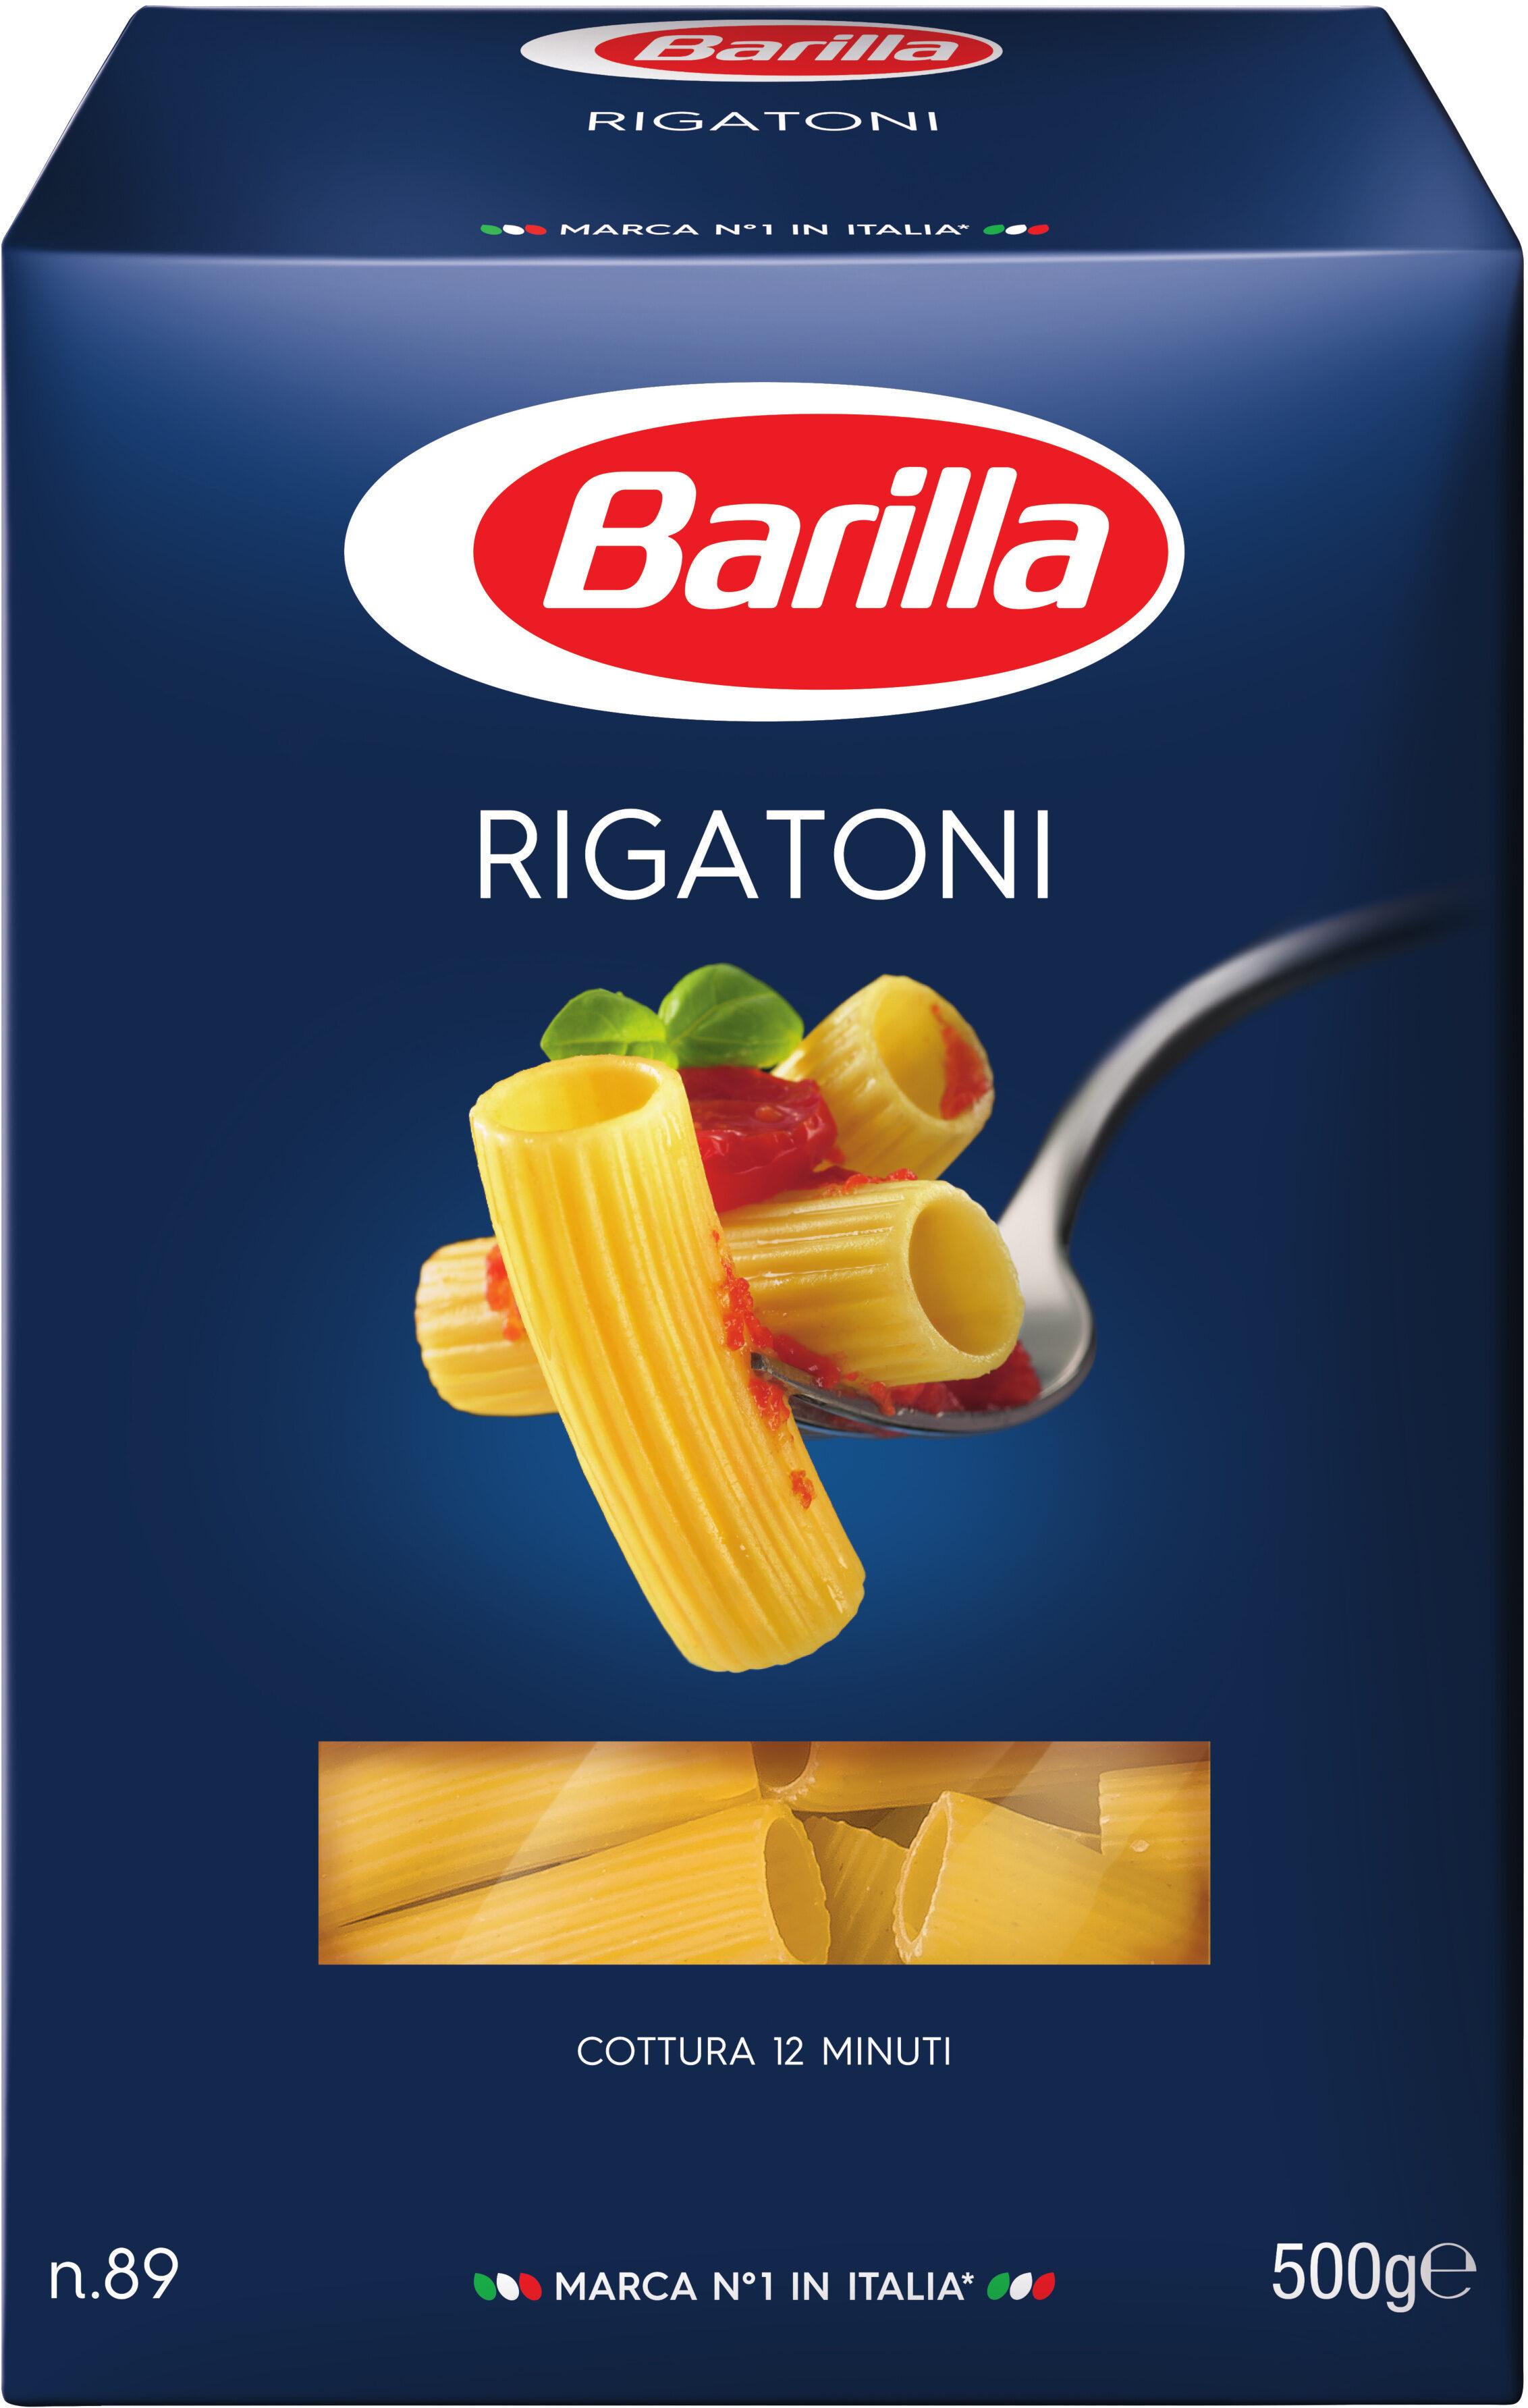 Rigatoni 500g imu eu - Prodotto - fr